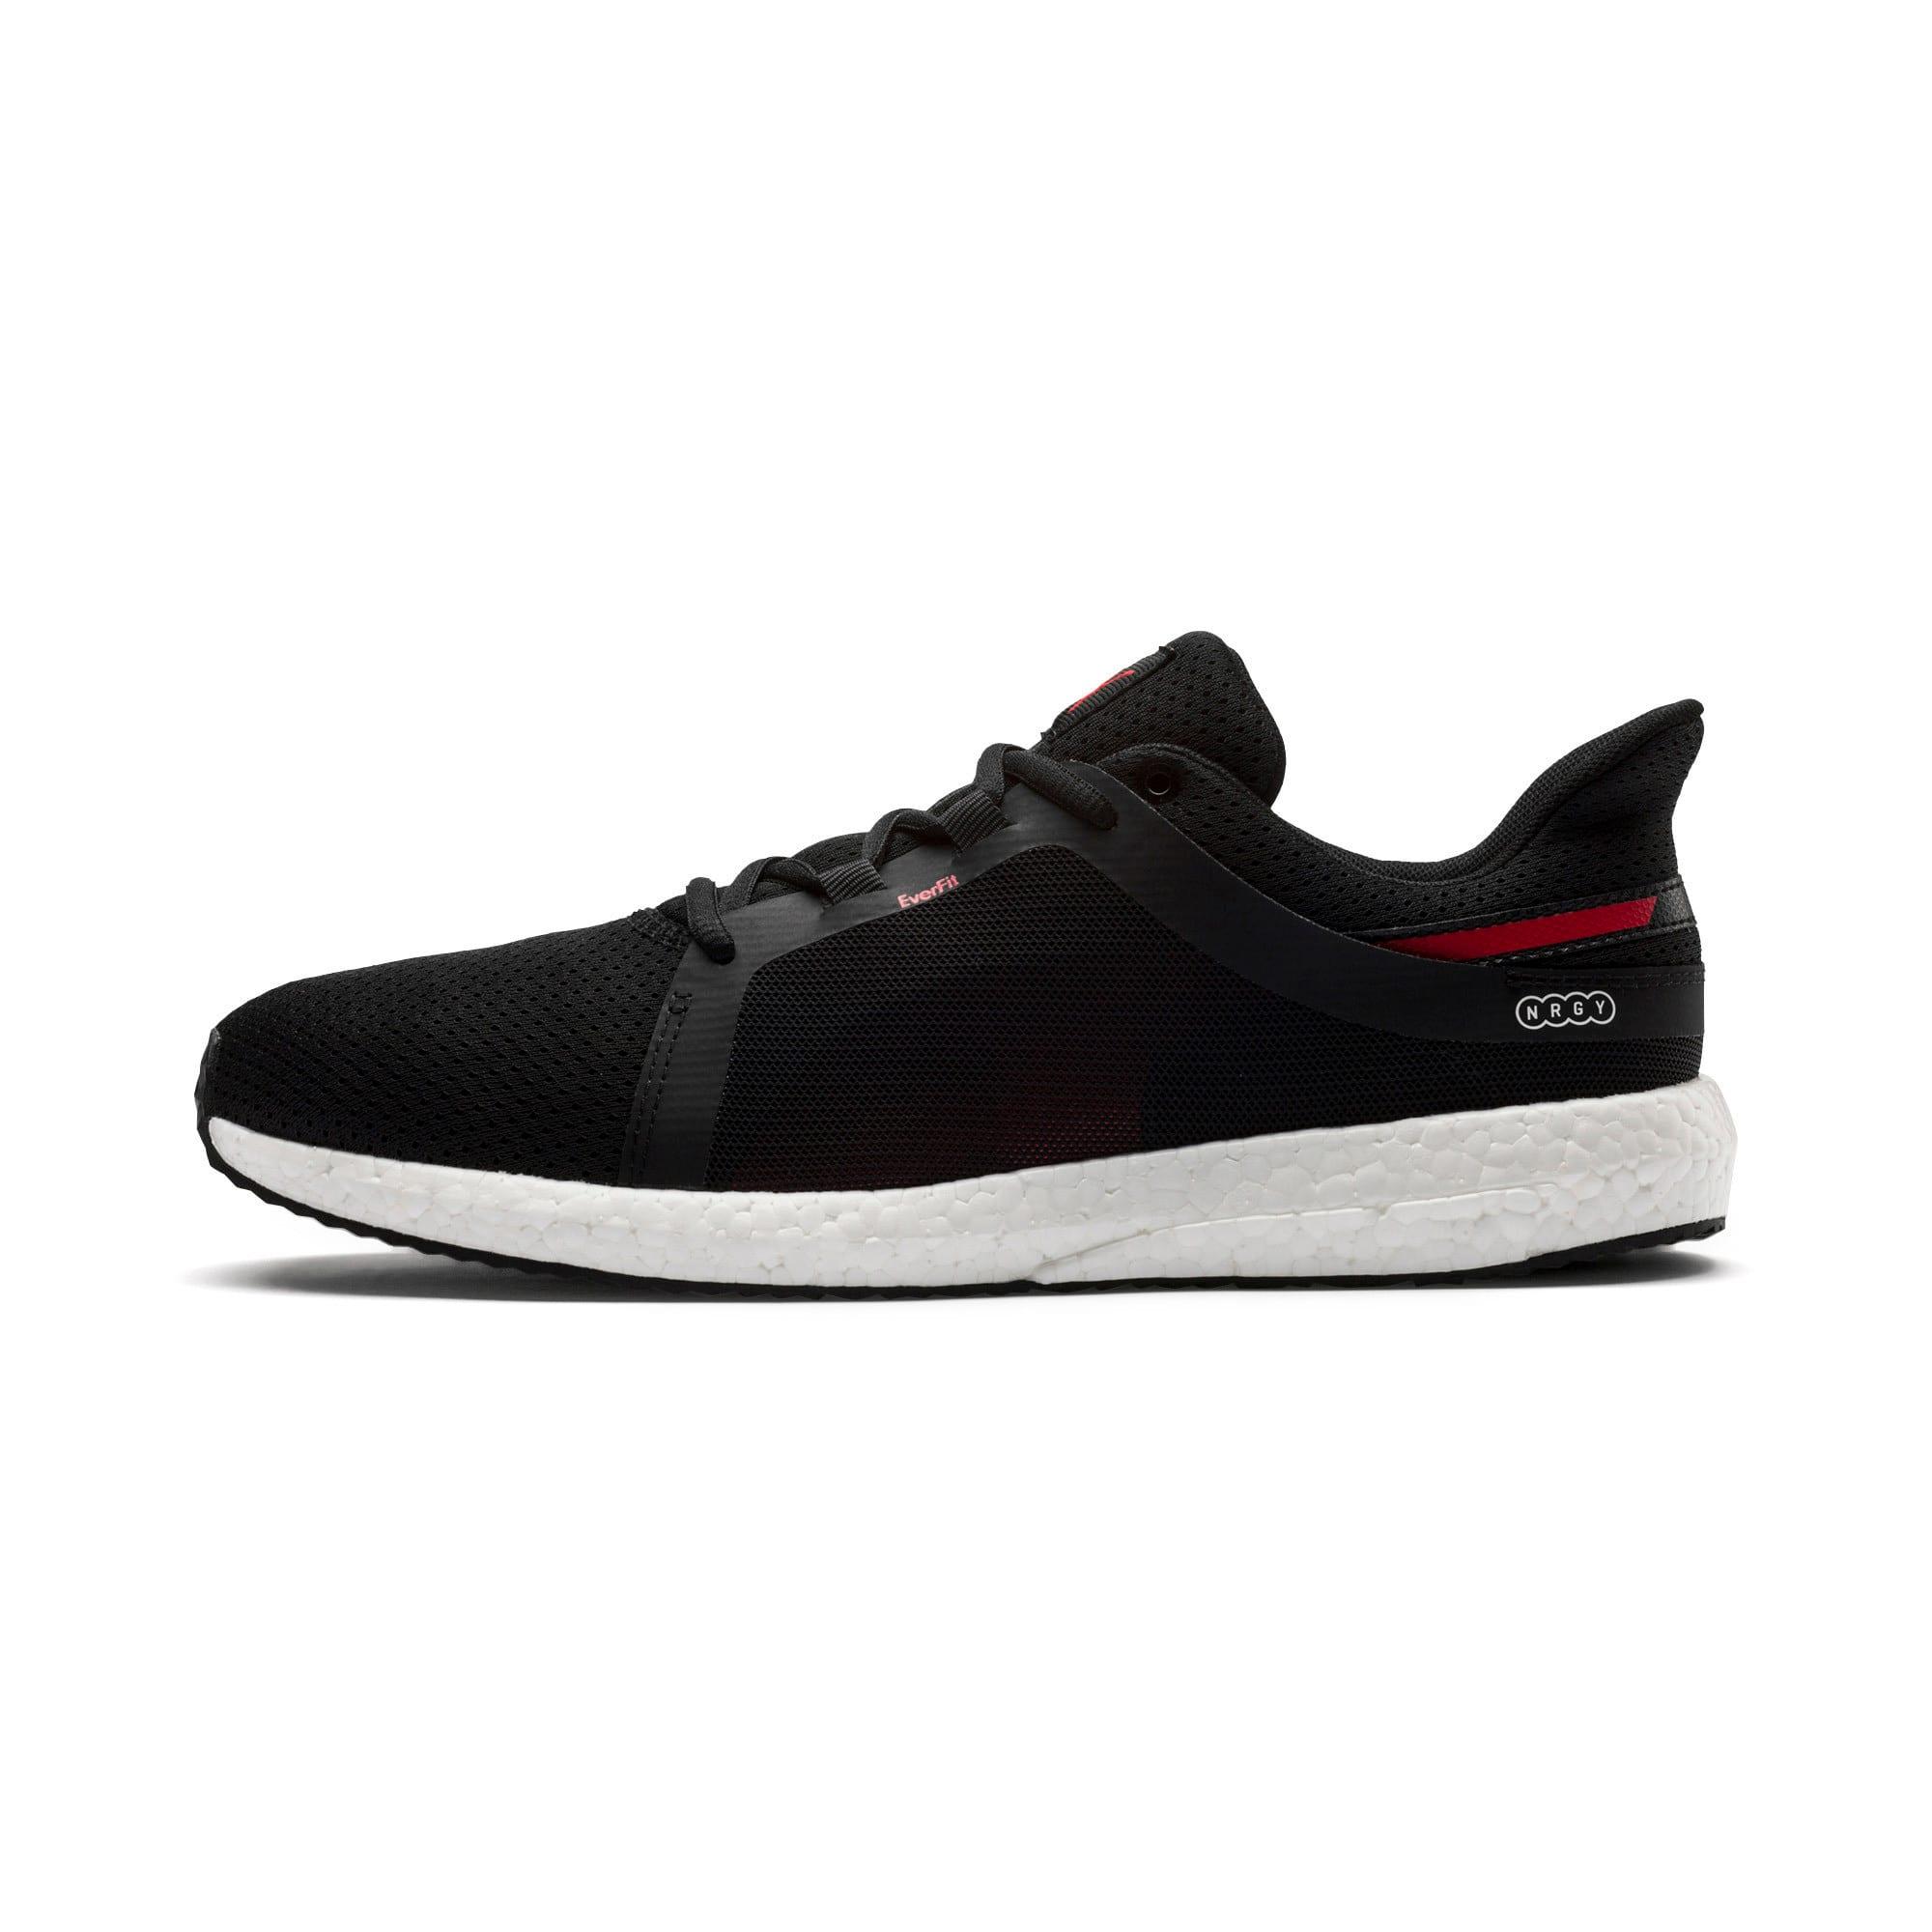 Thumbnail 1 of Mega NRGY Turbo 2 Men's Running Shoes, Puma Black-Ribbon Red, medium